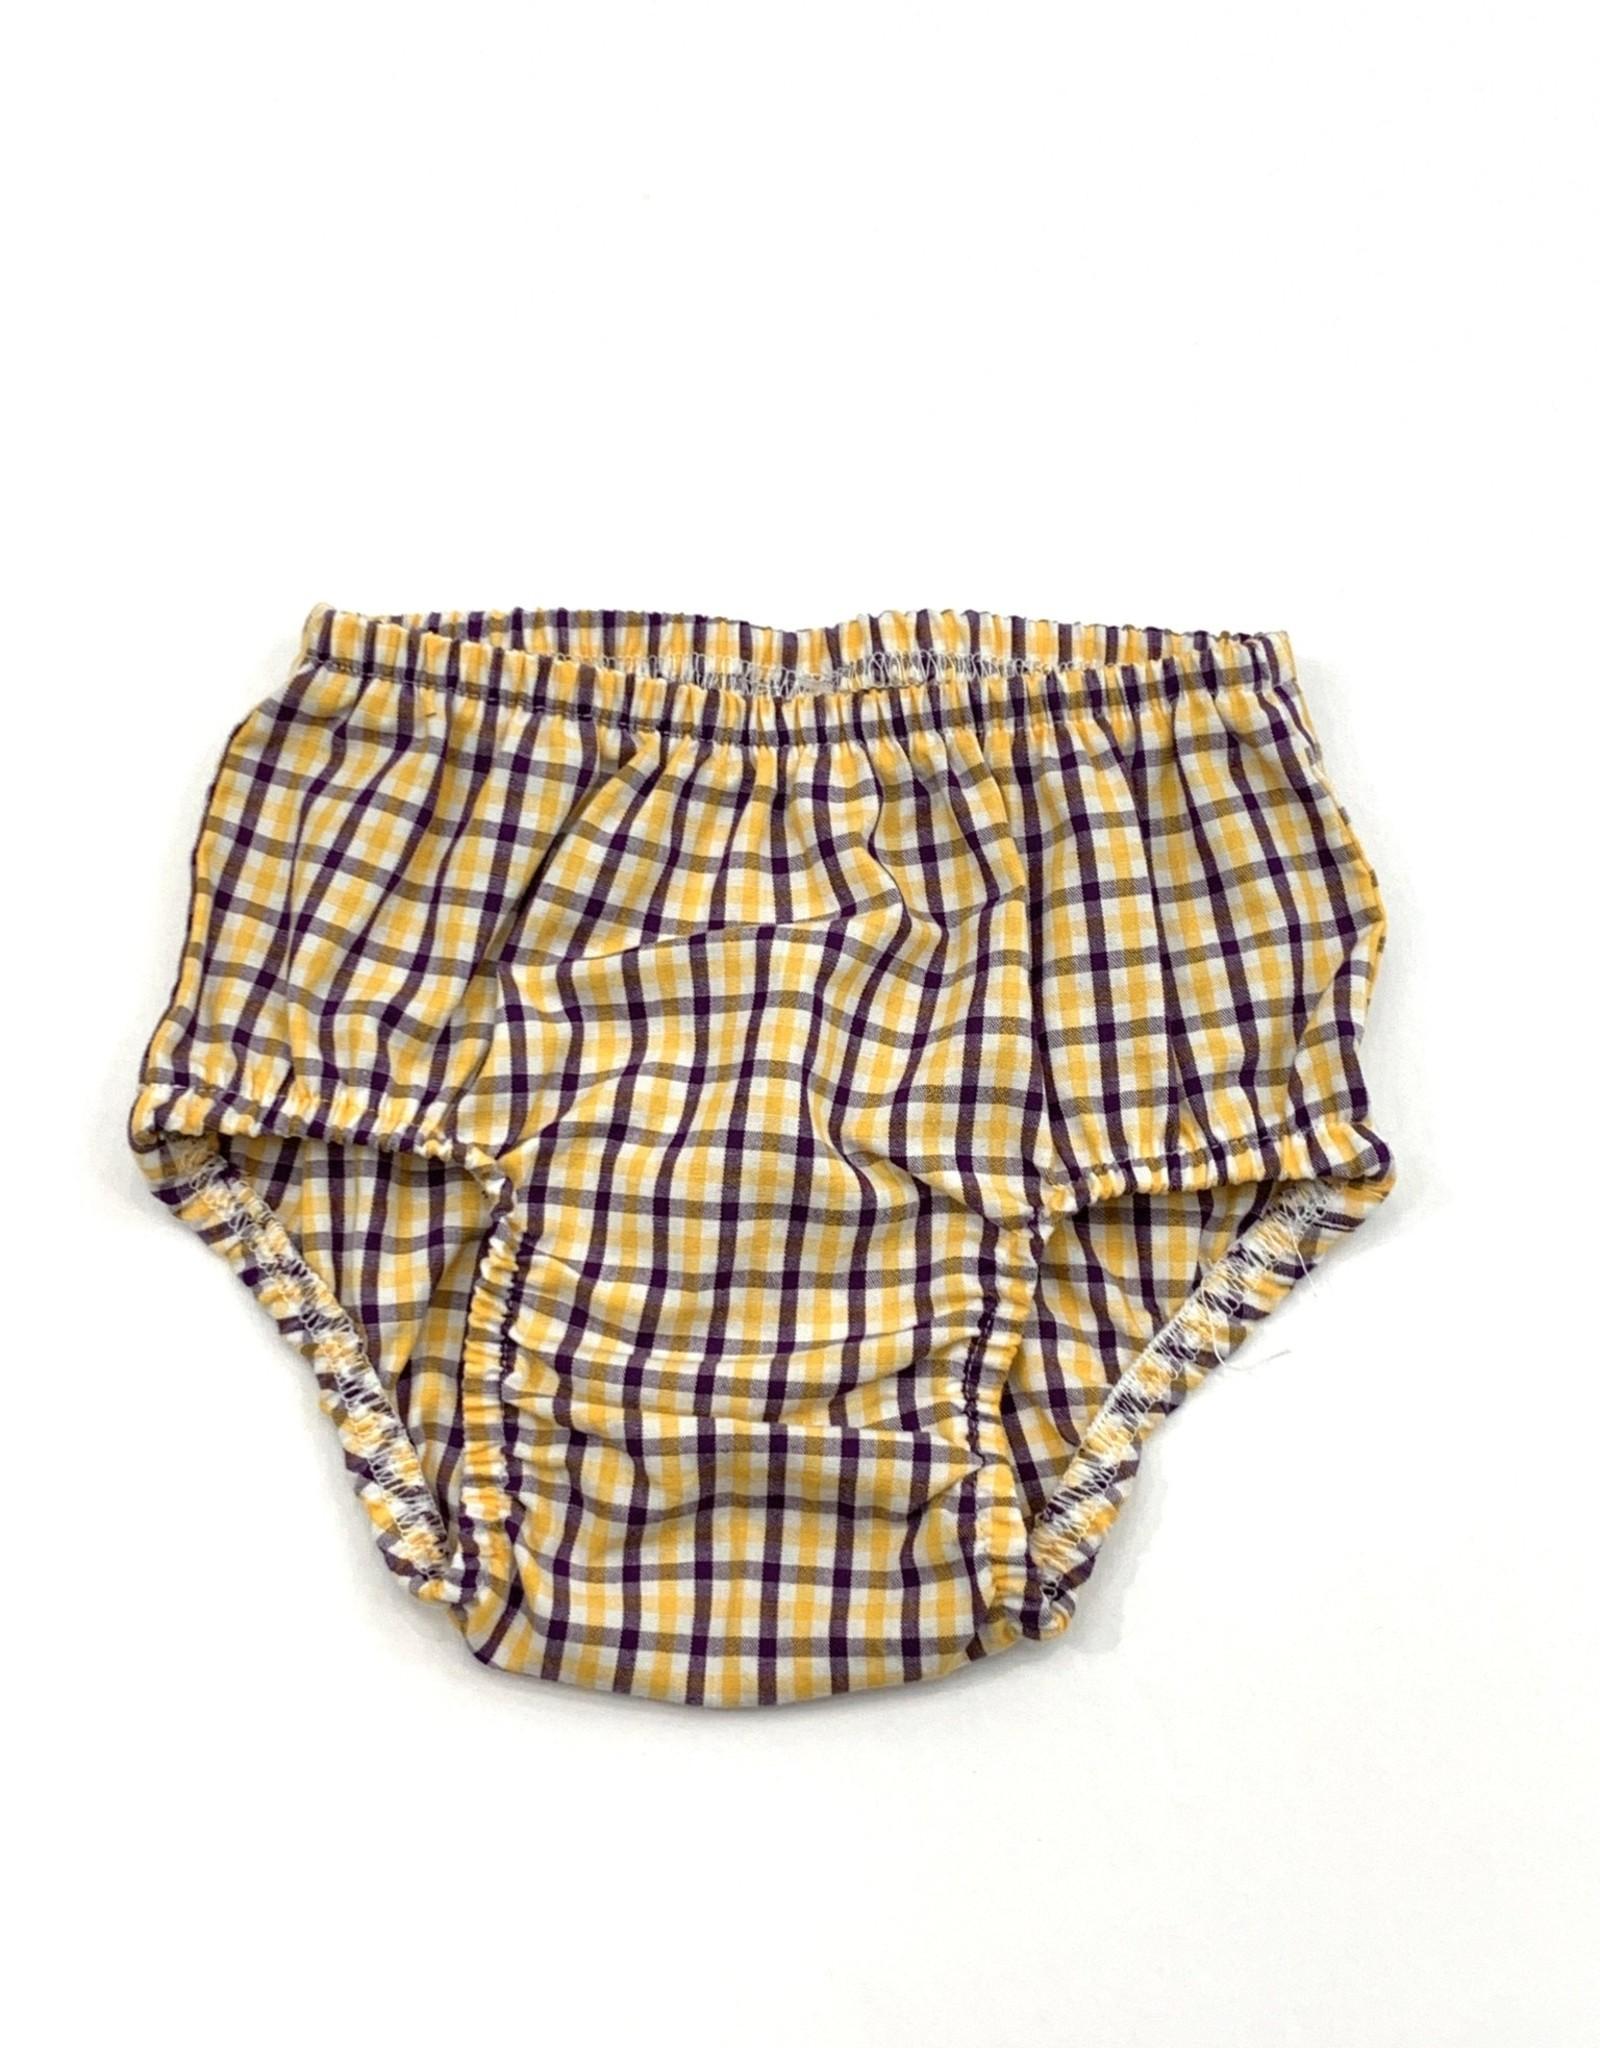 LSU diaper cover